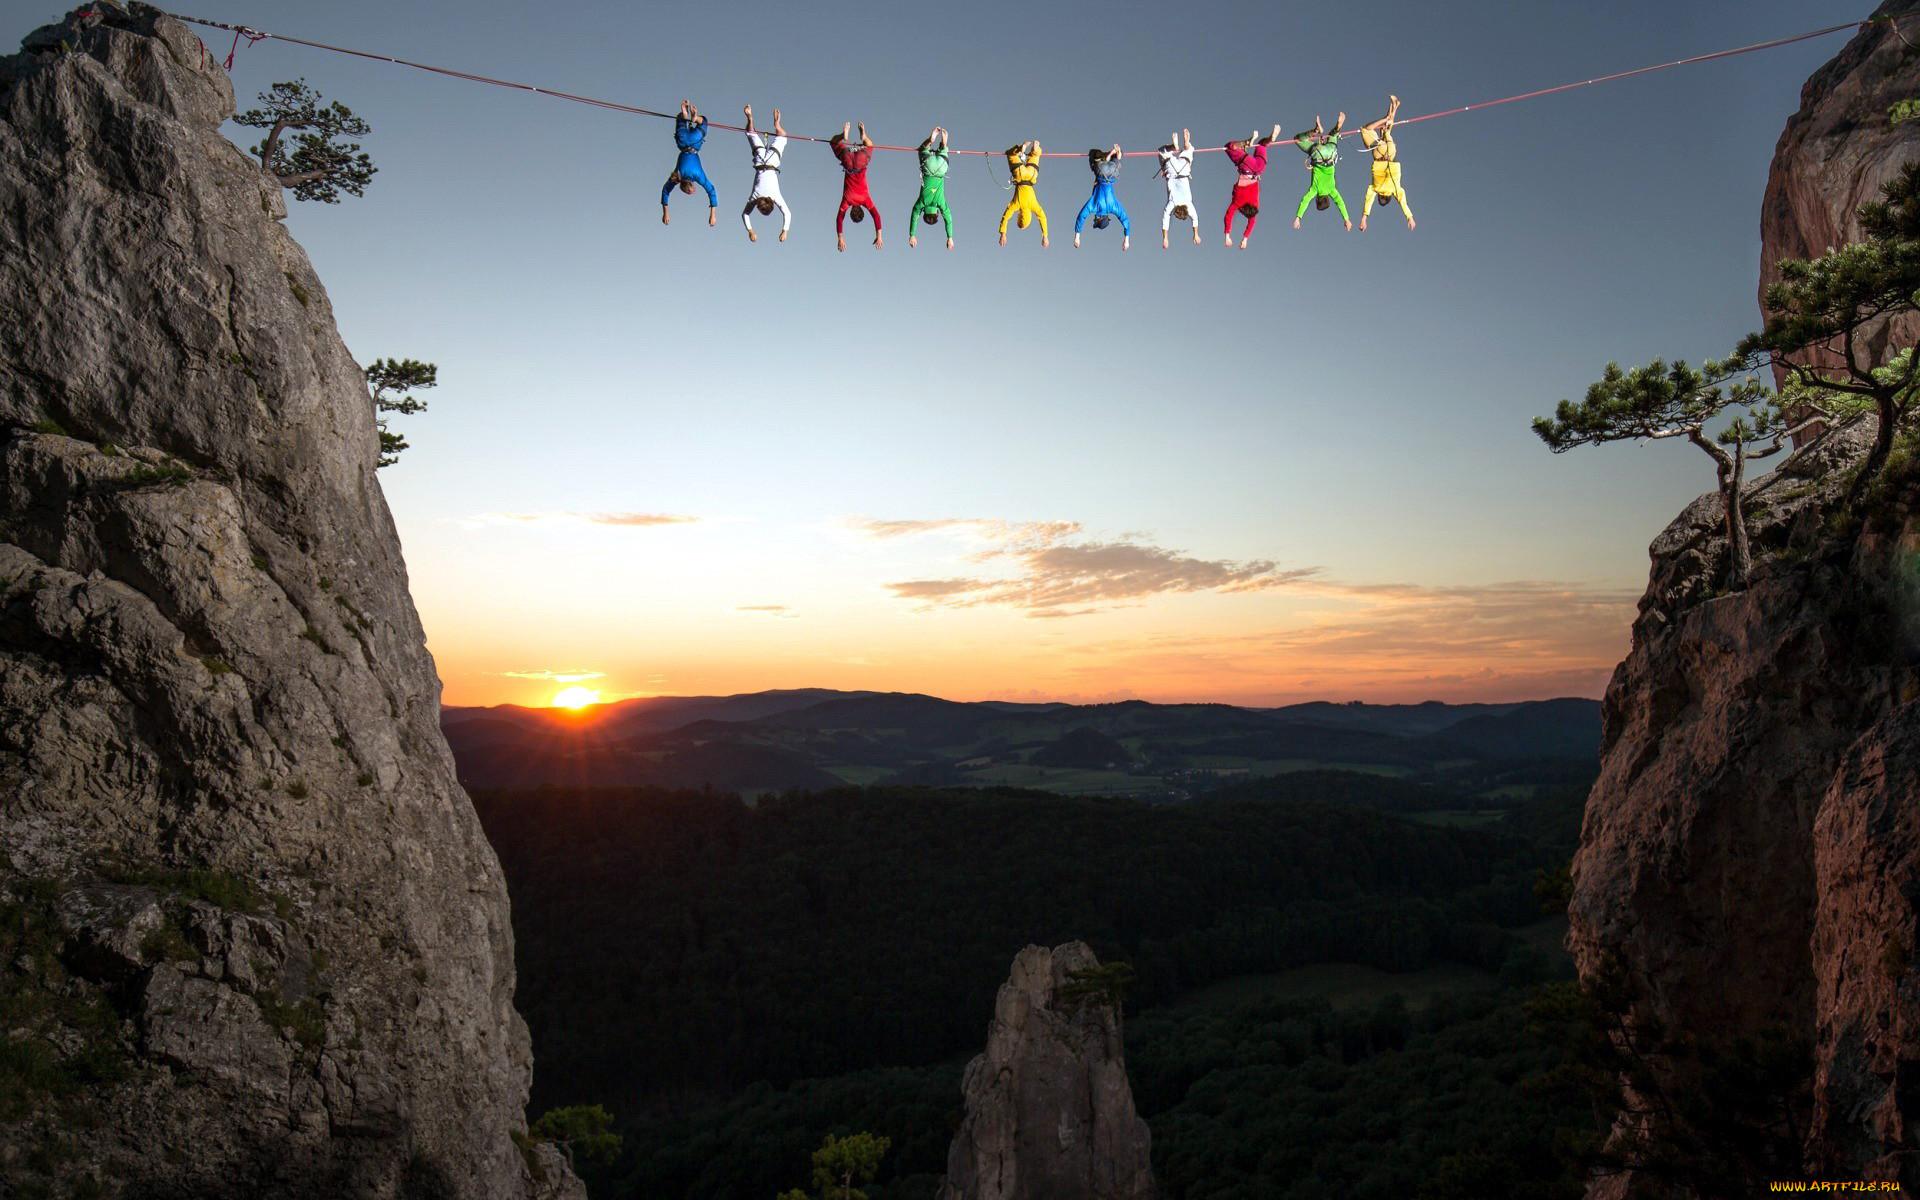 прикольные фото в горах отказалась встречаться